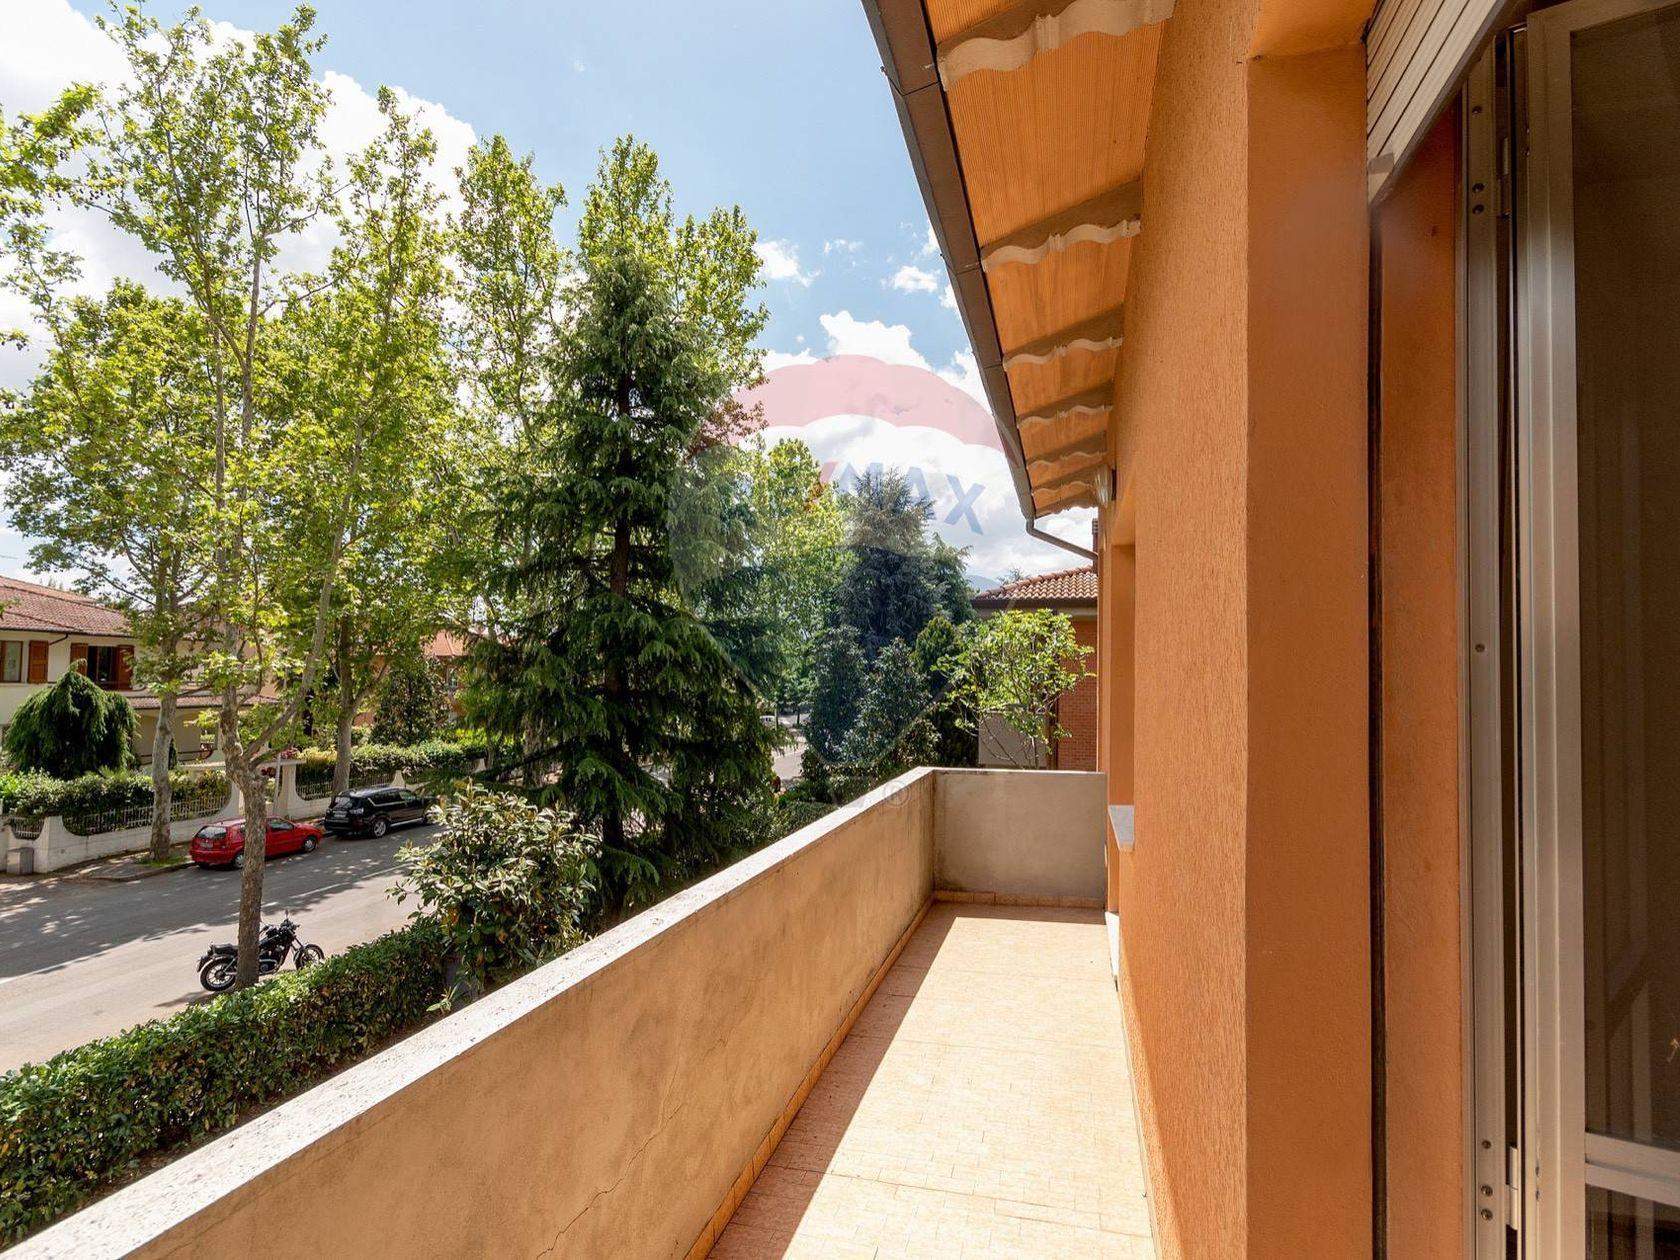 Casa Semindipendente Osteria Grande, Castel San Pietro Terme, BO Vendita - Foto 36